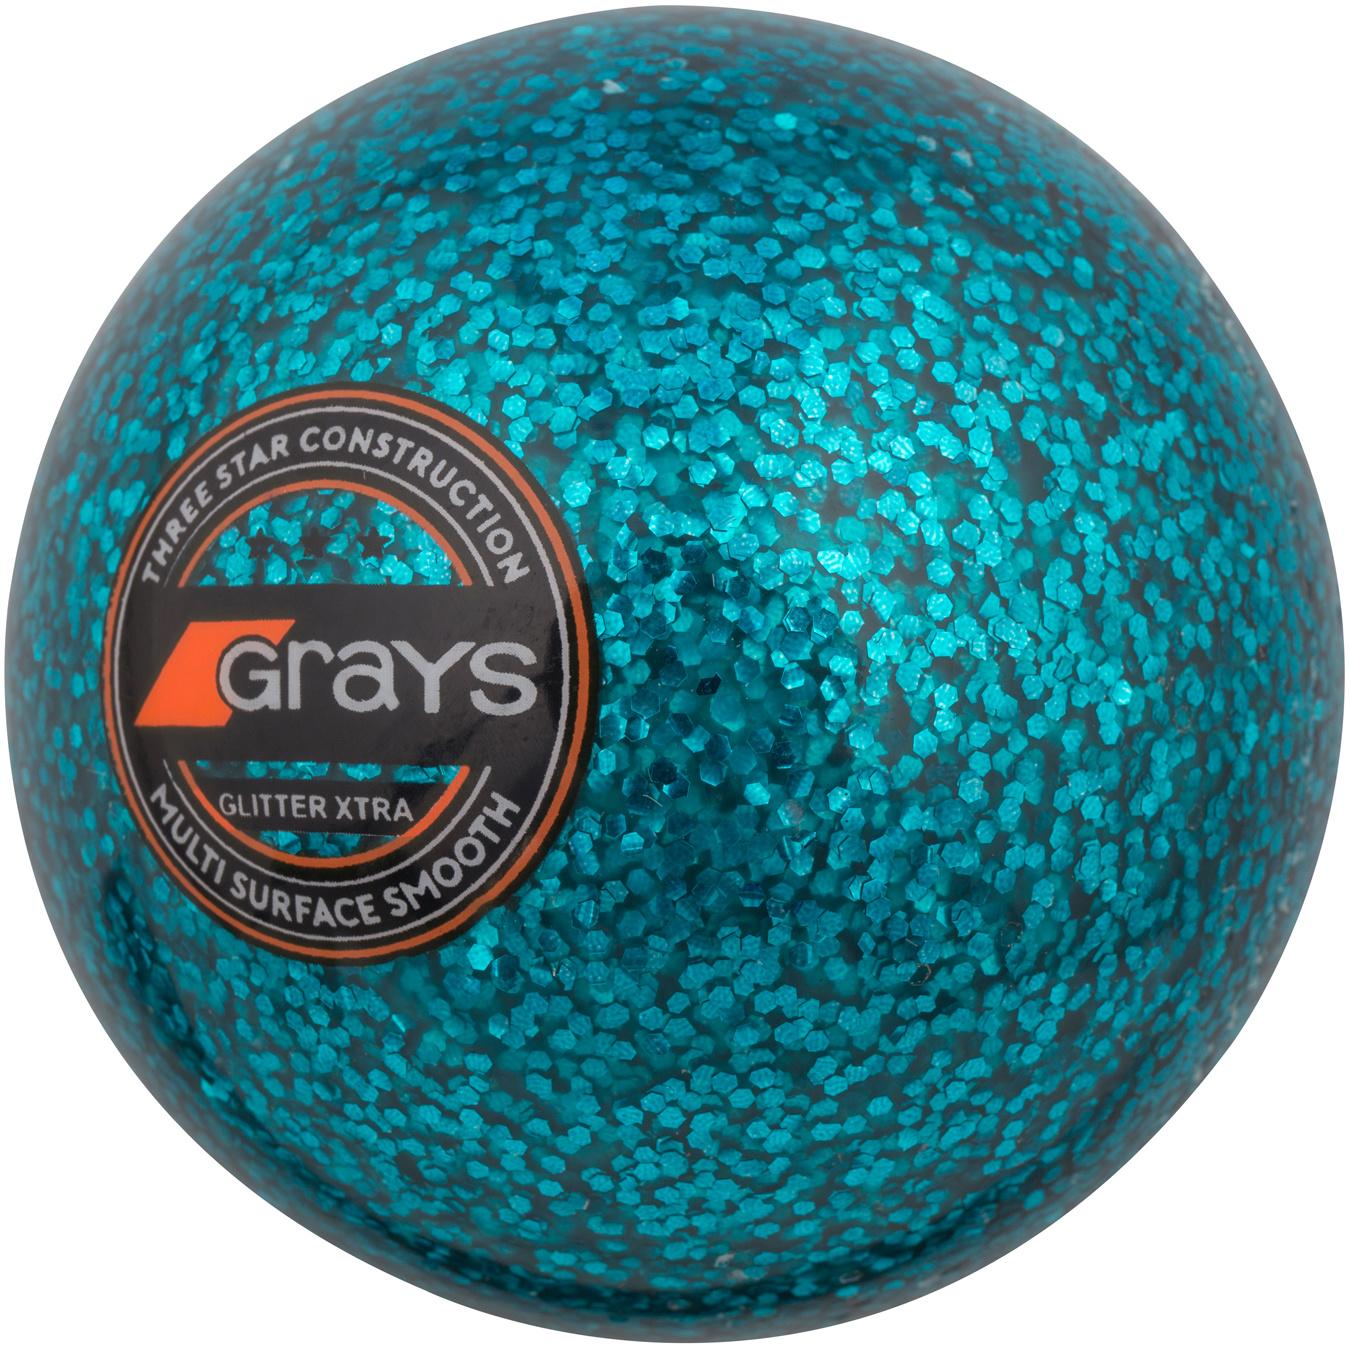 Grays Grays glitter bal blauw